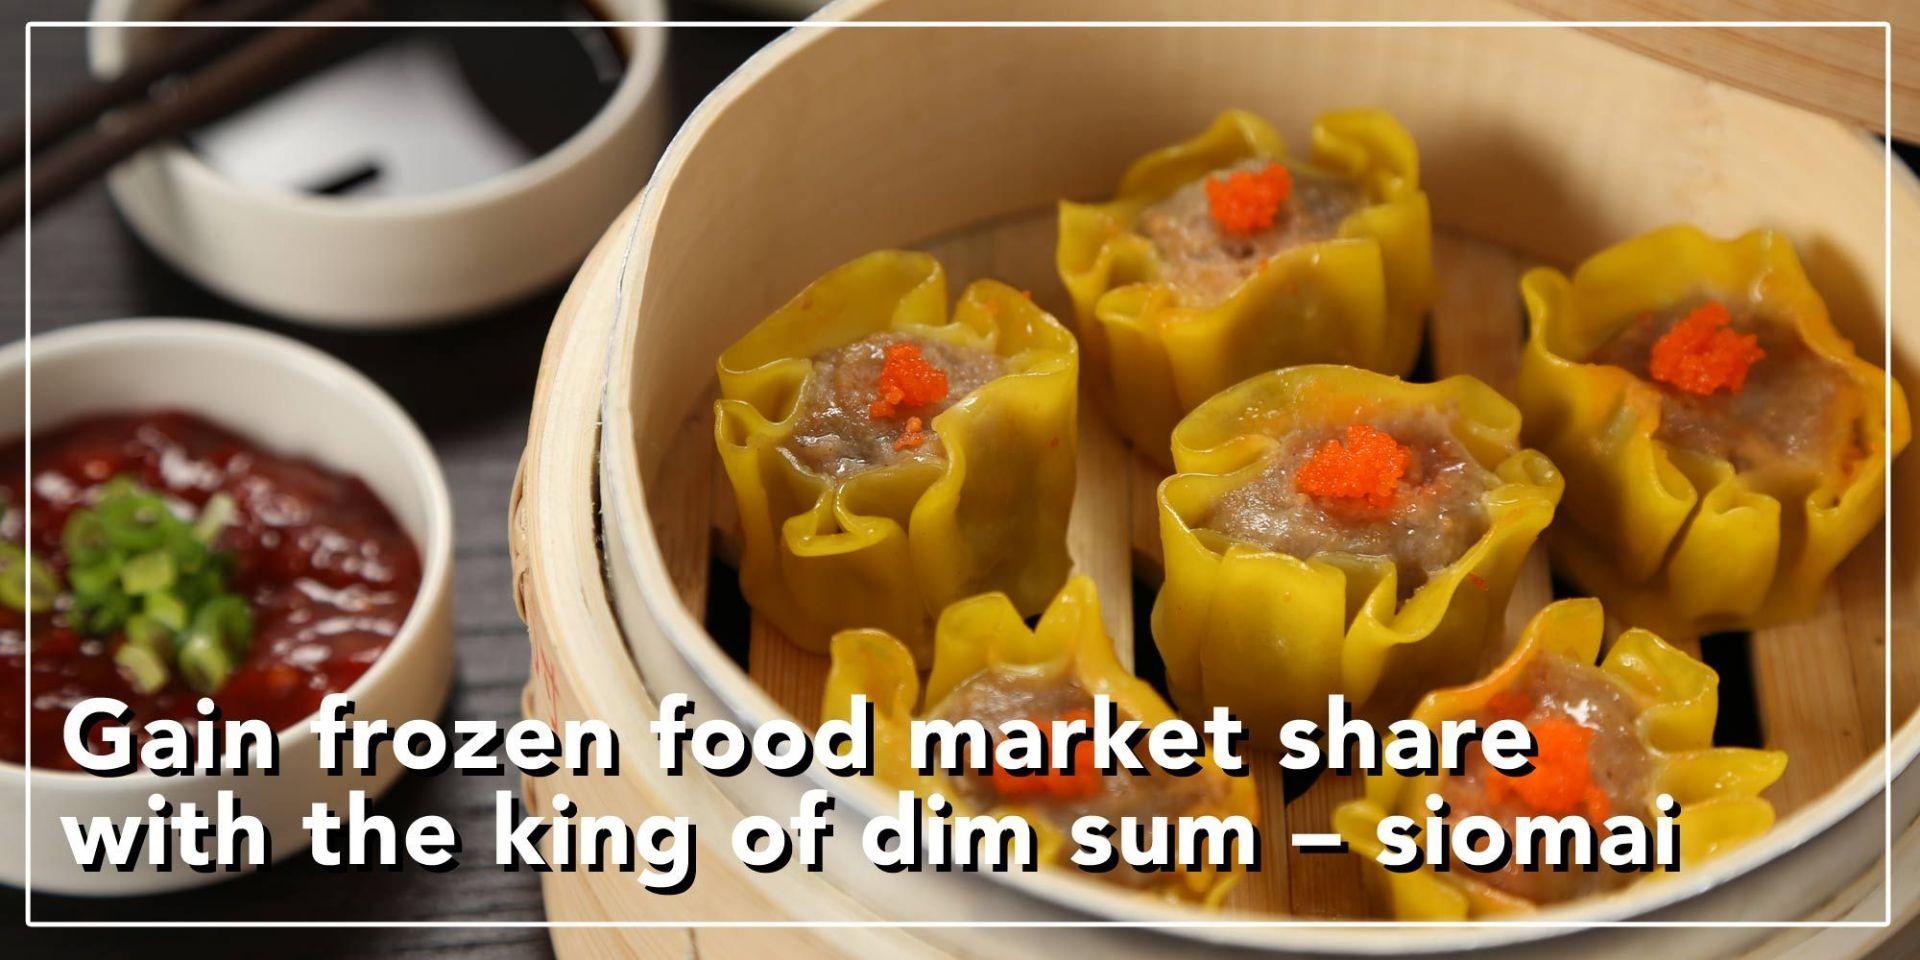 【食品行业趋势】品味热闹的茶馆文化与点心王 -  Siomai(Shumai)